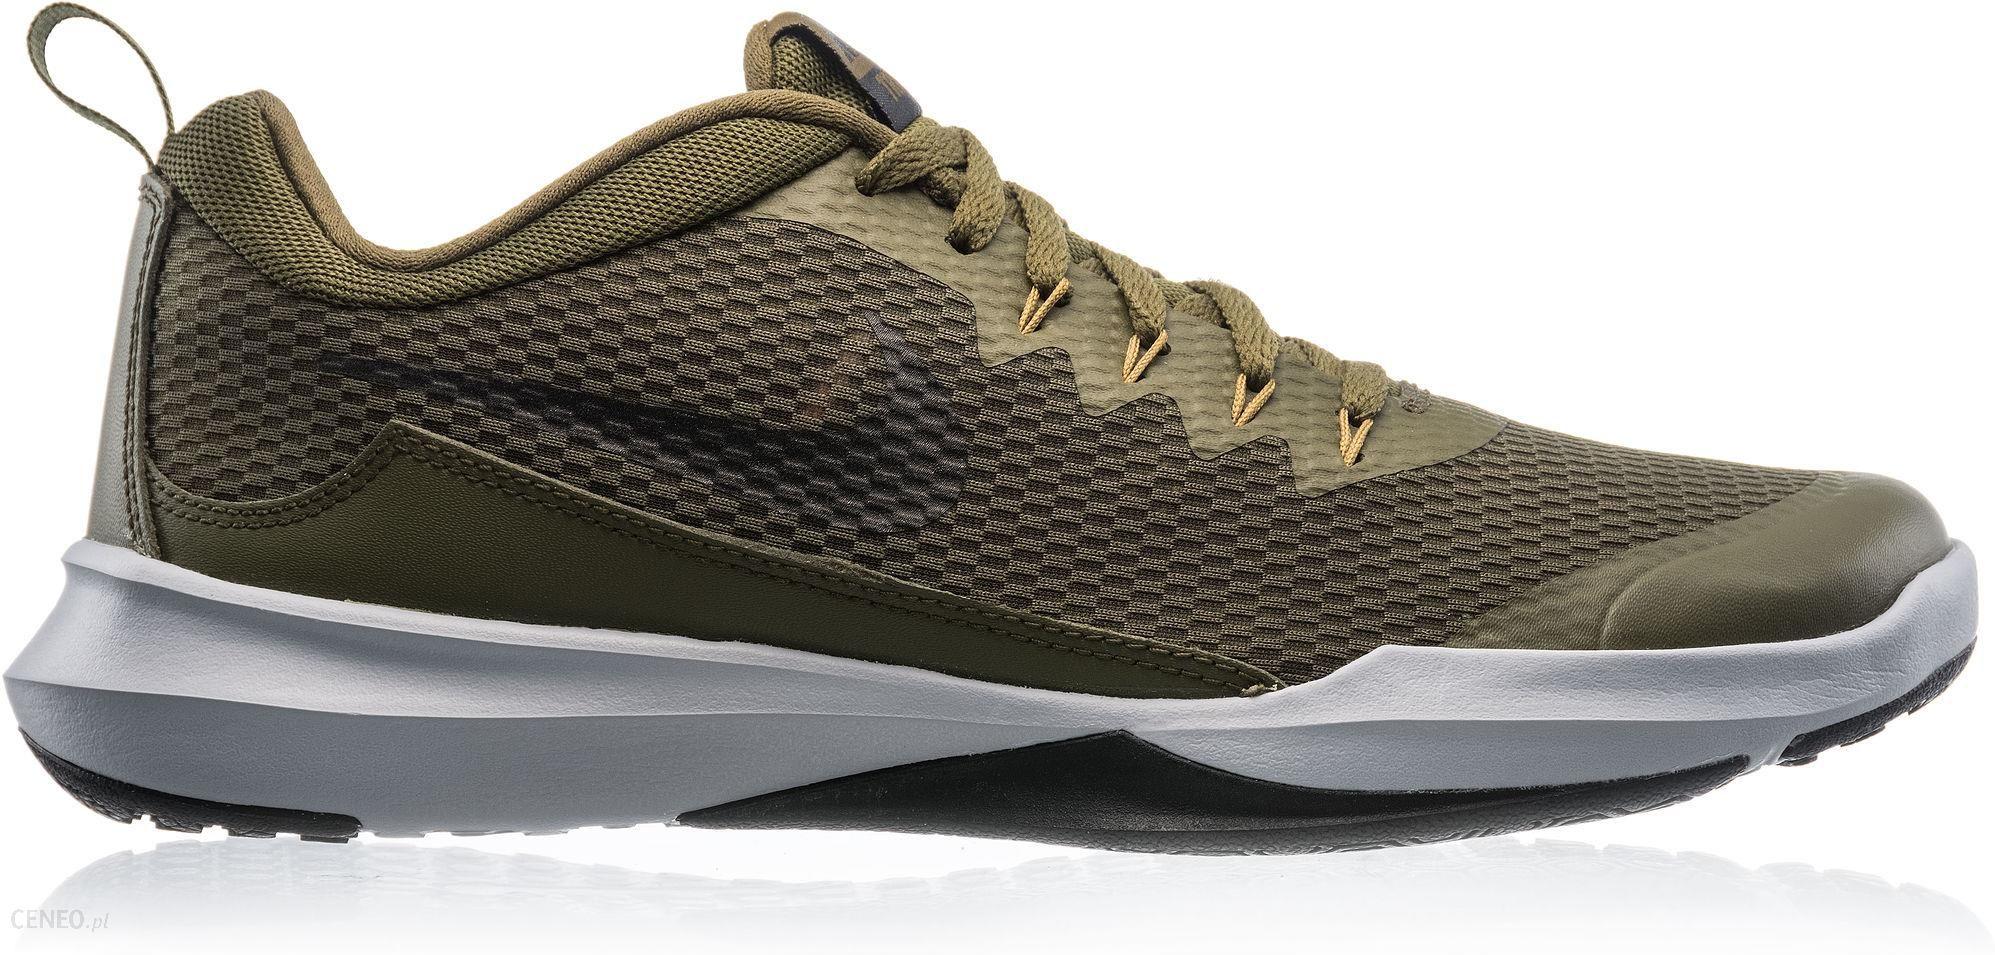 cf7ffca89084f5 Buty Legend Trainer Nike (khaki) - Ceny i opinie - Ceneo.pl